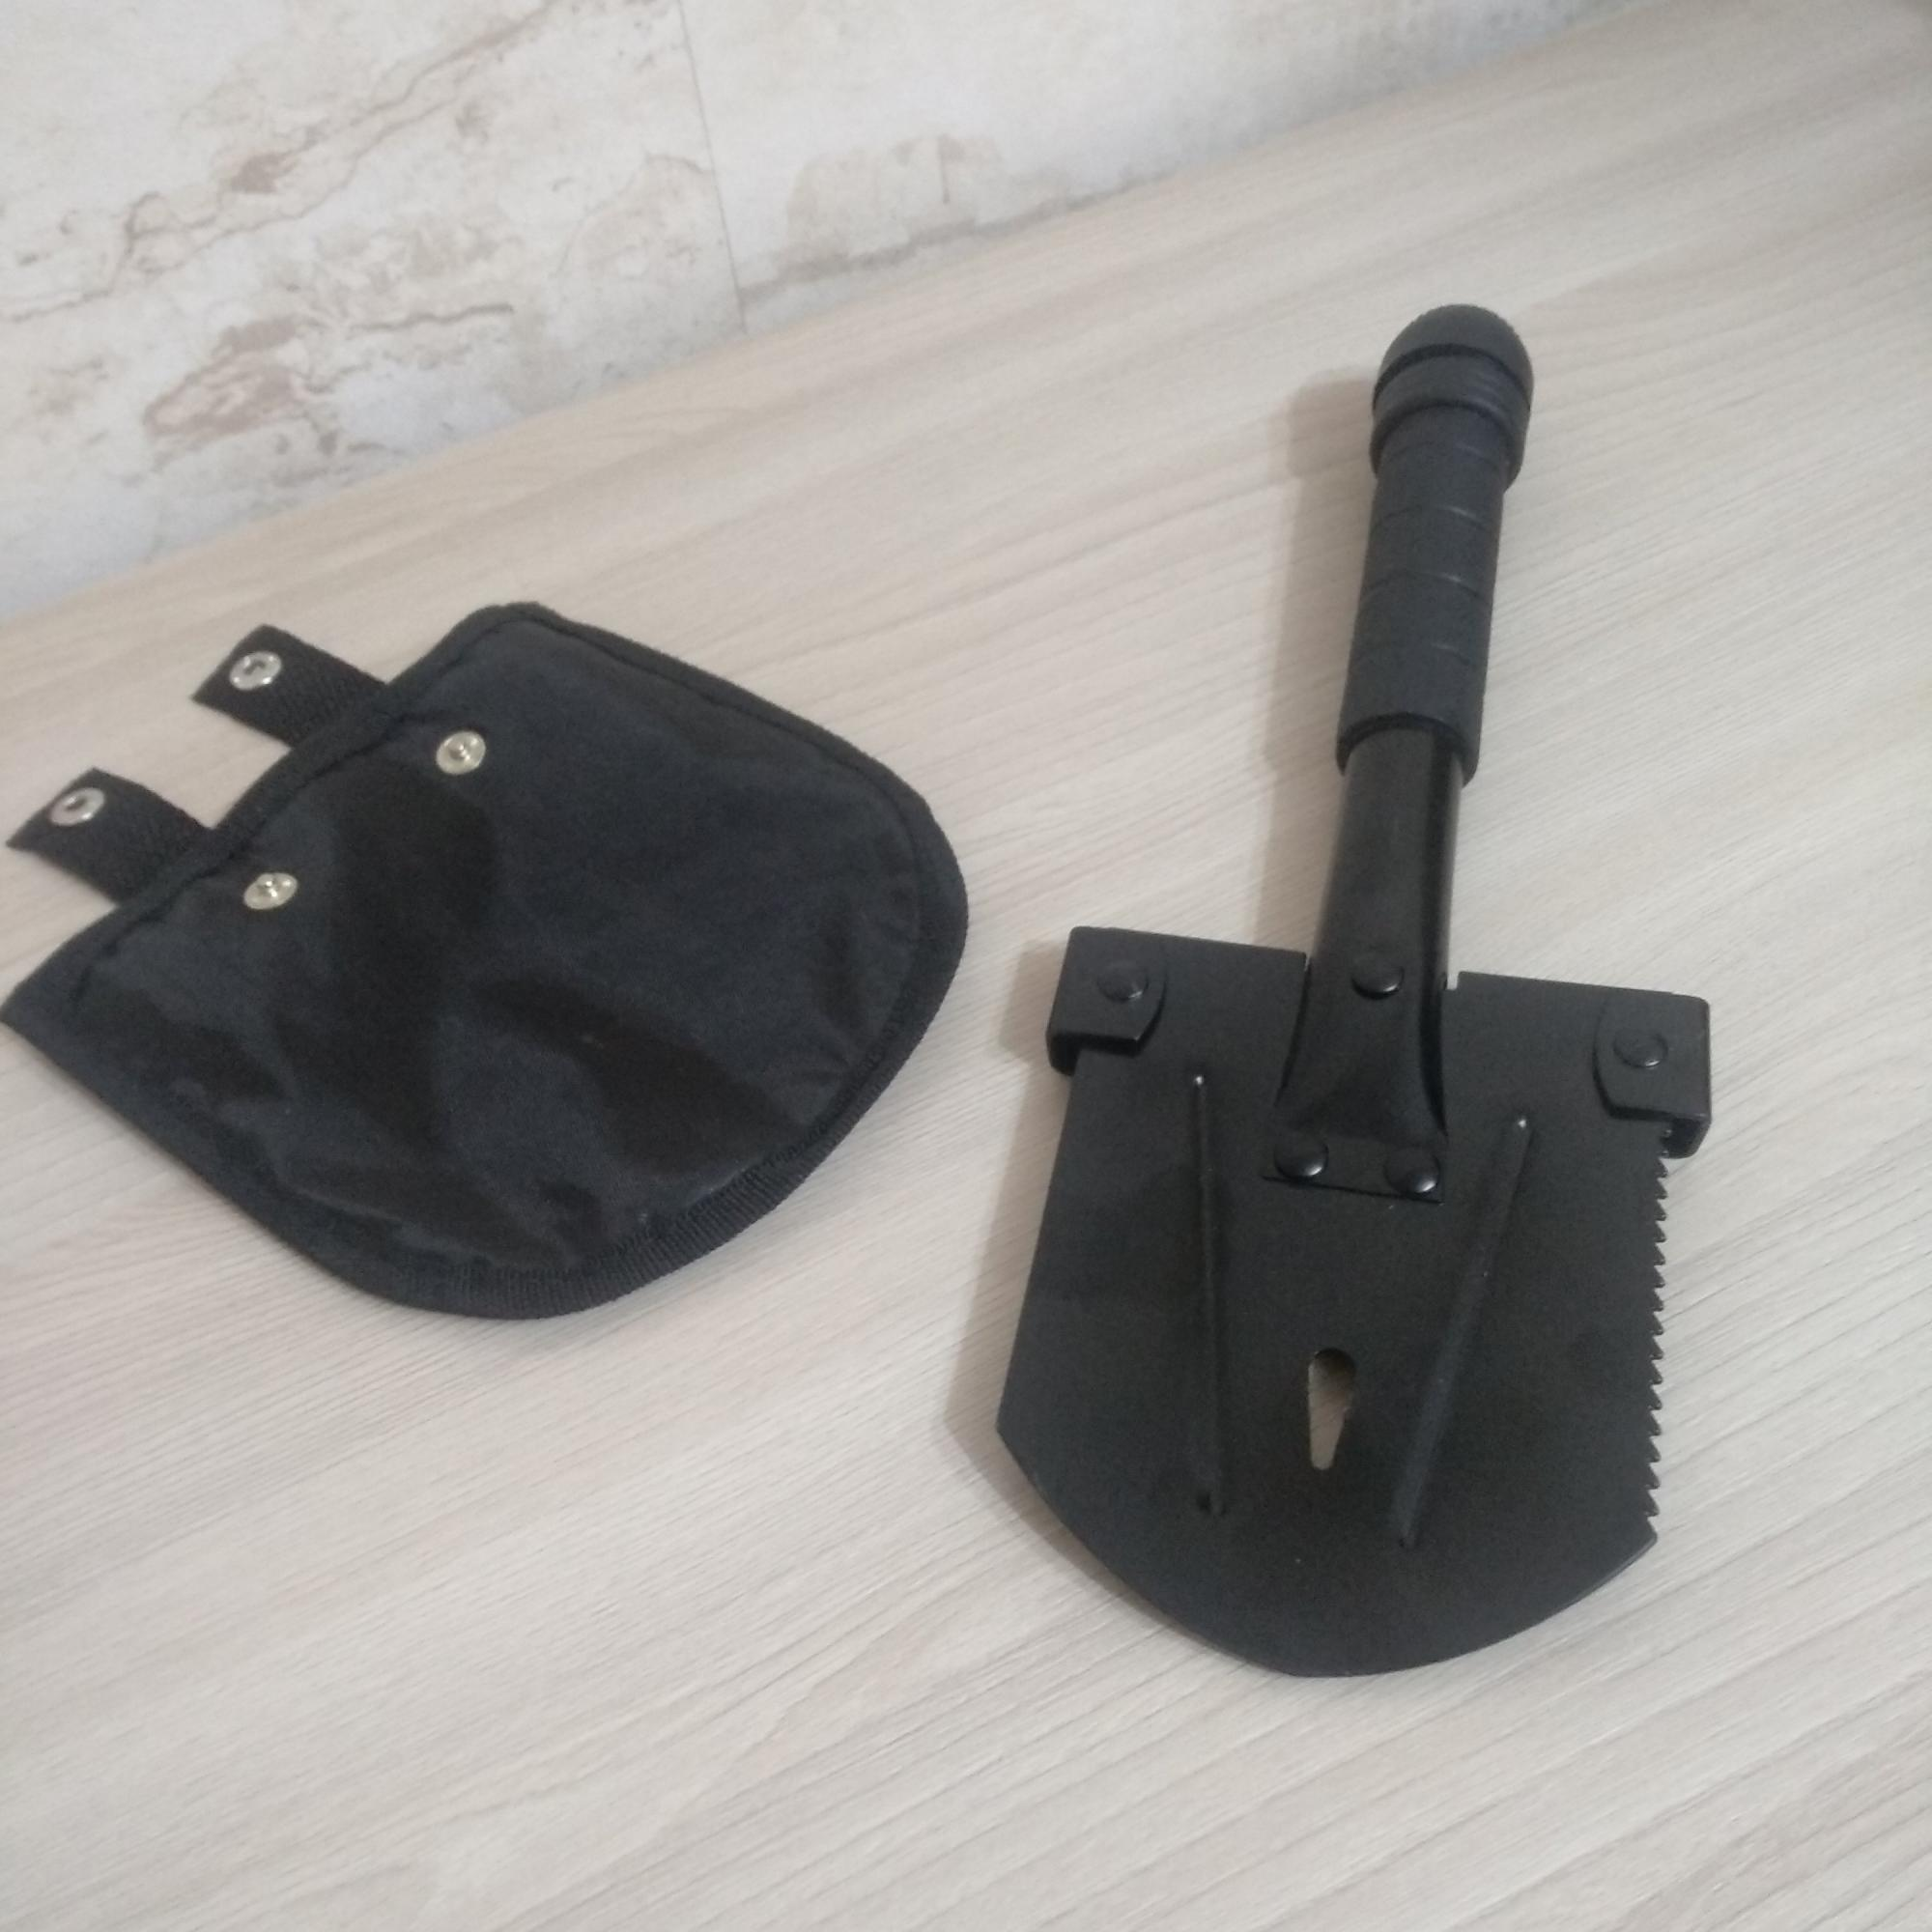 Саперная лопатка новая с компасом в Домодедово 89017554106 купить 1